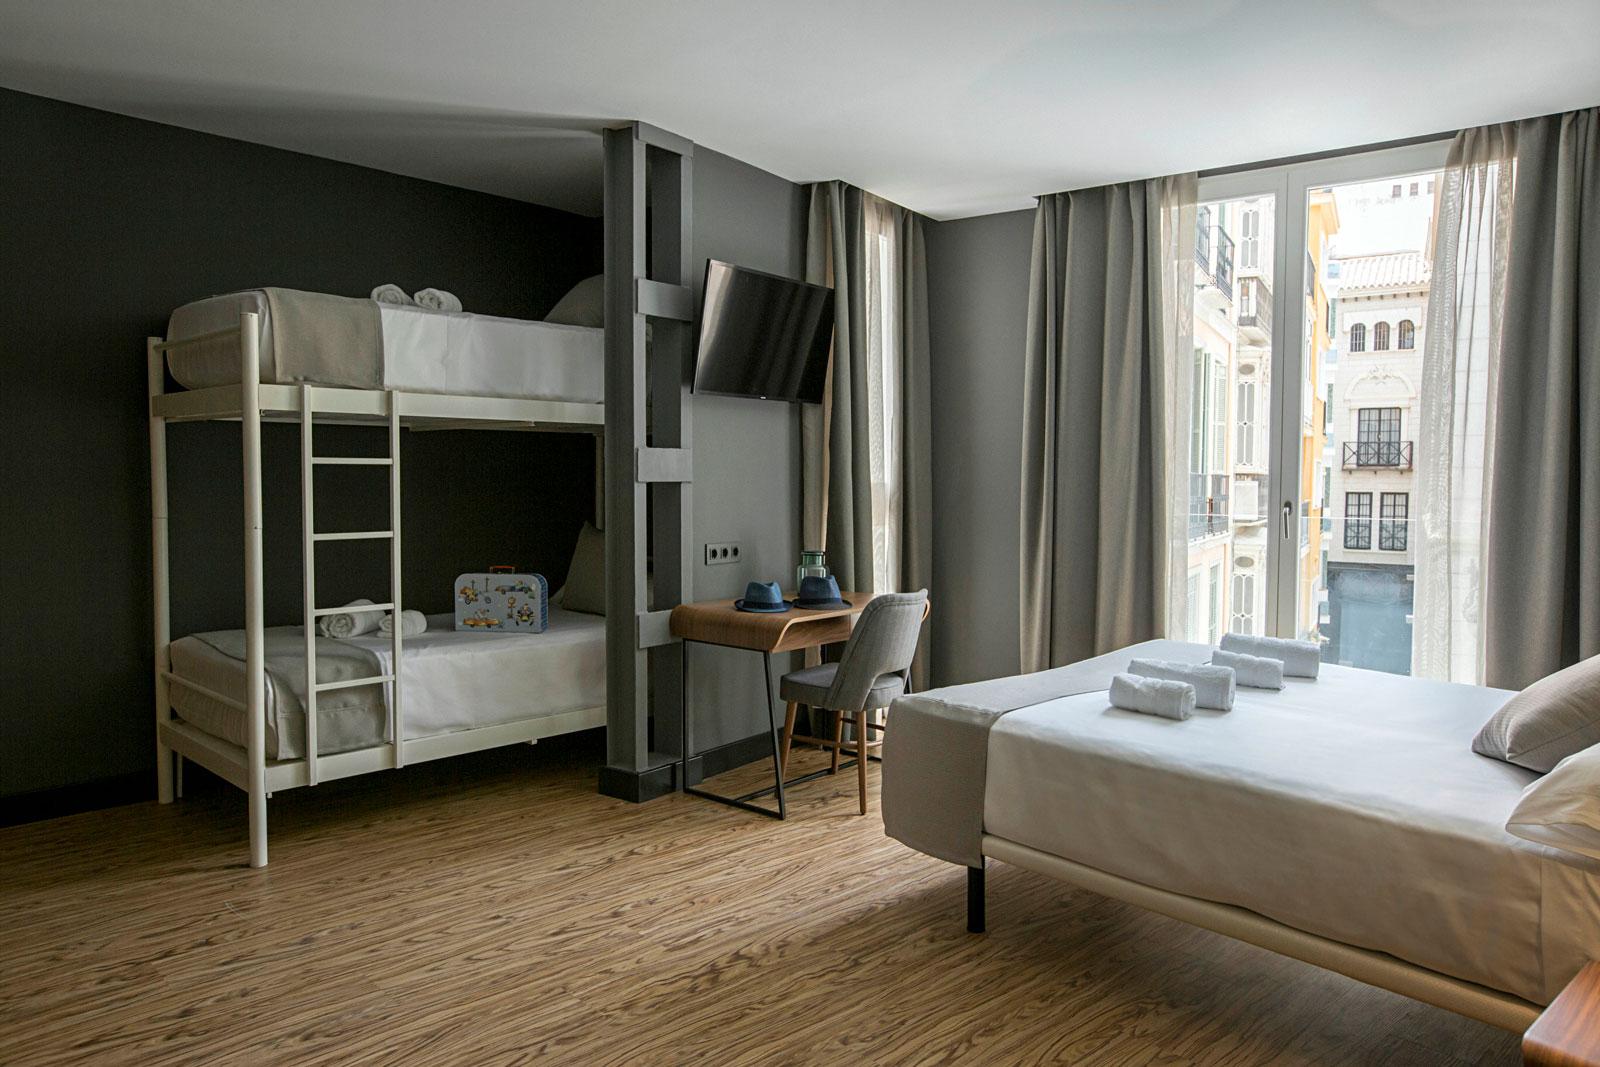 Hotel boutique habitaci n familiar en m laga premium hotel for Hotel malaga premium